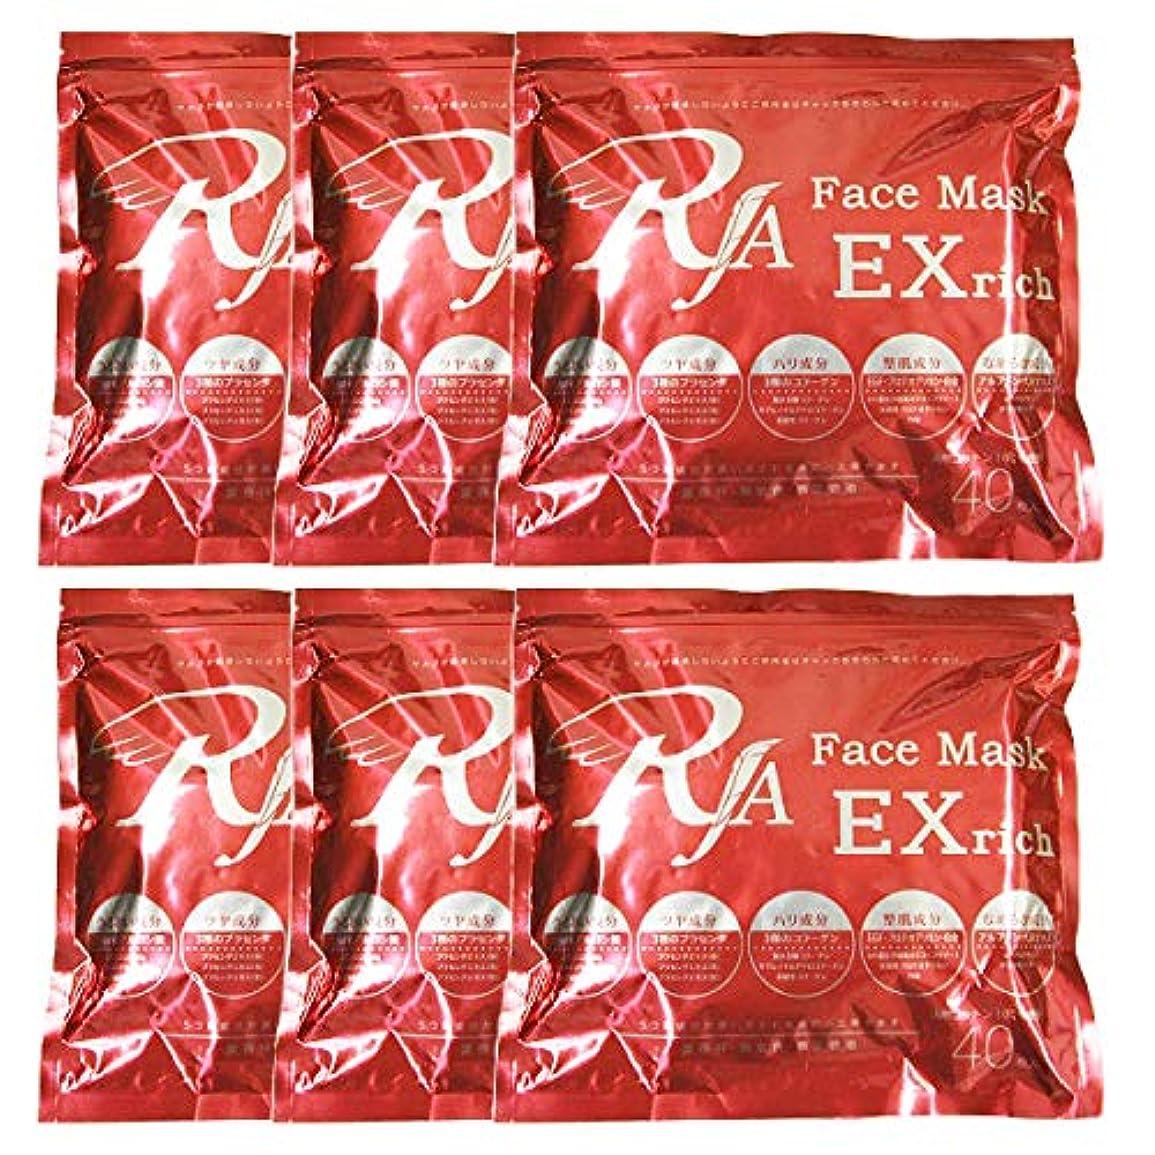 爬虫類自明改修TBS公式/RJA フェイス マスク EXrich 240枚入(40枚×6袋) エステ使用の実力派フェイスマスク!1枚に約11mlもの美容液